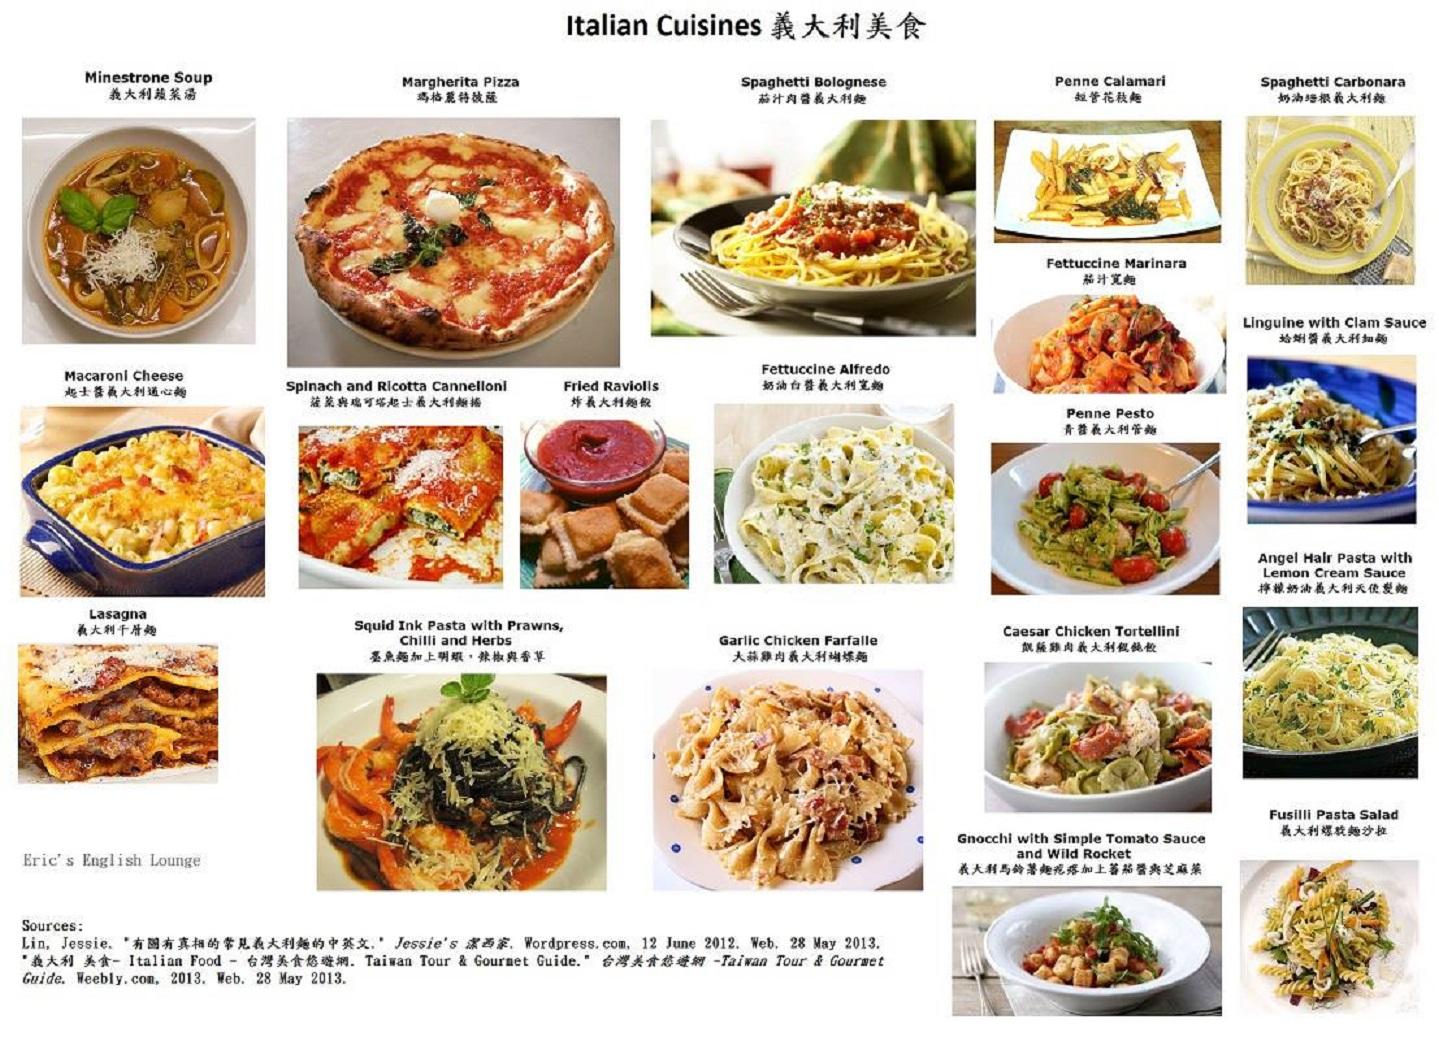 [生活美語] Italian Cuisines 義大利美食 – Eric's English Lounge